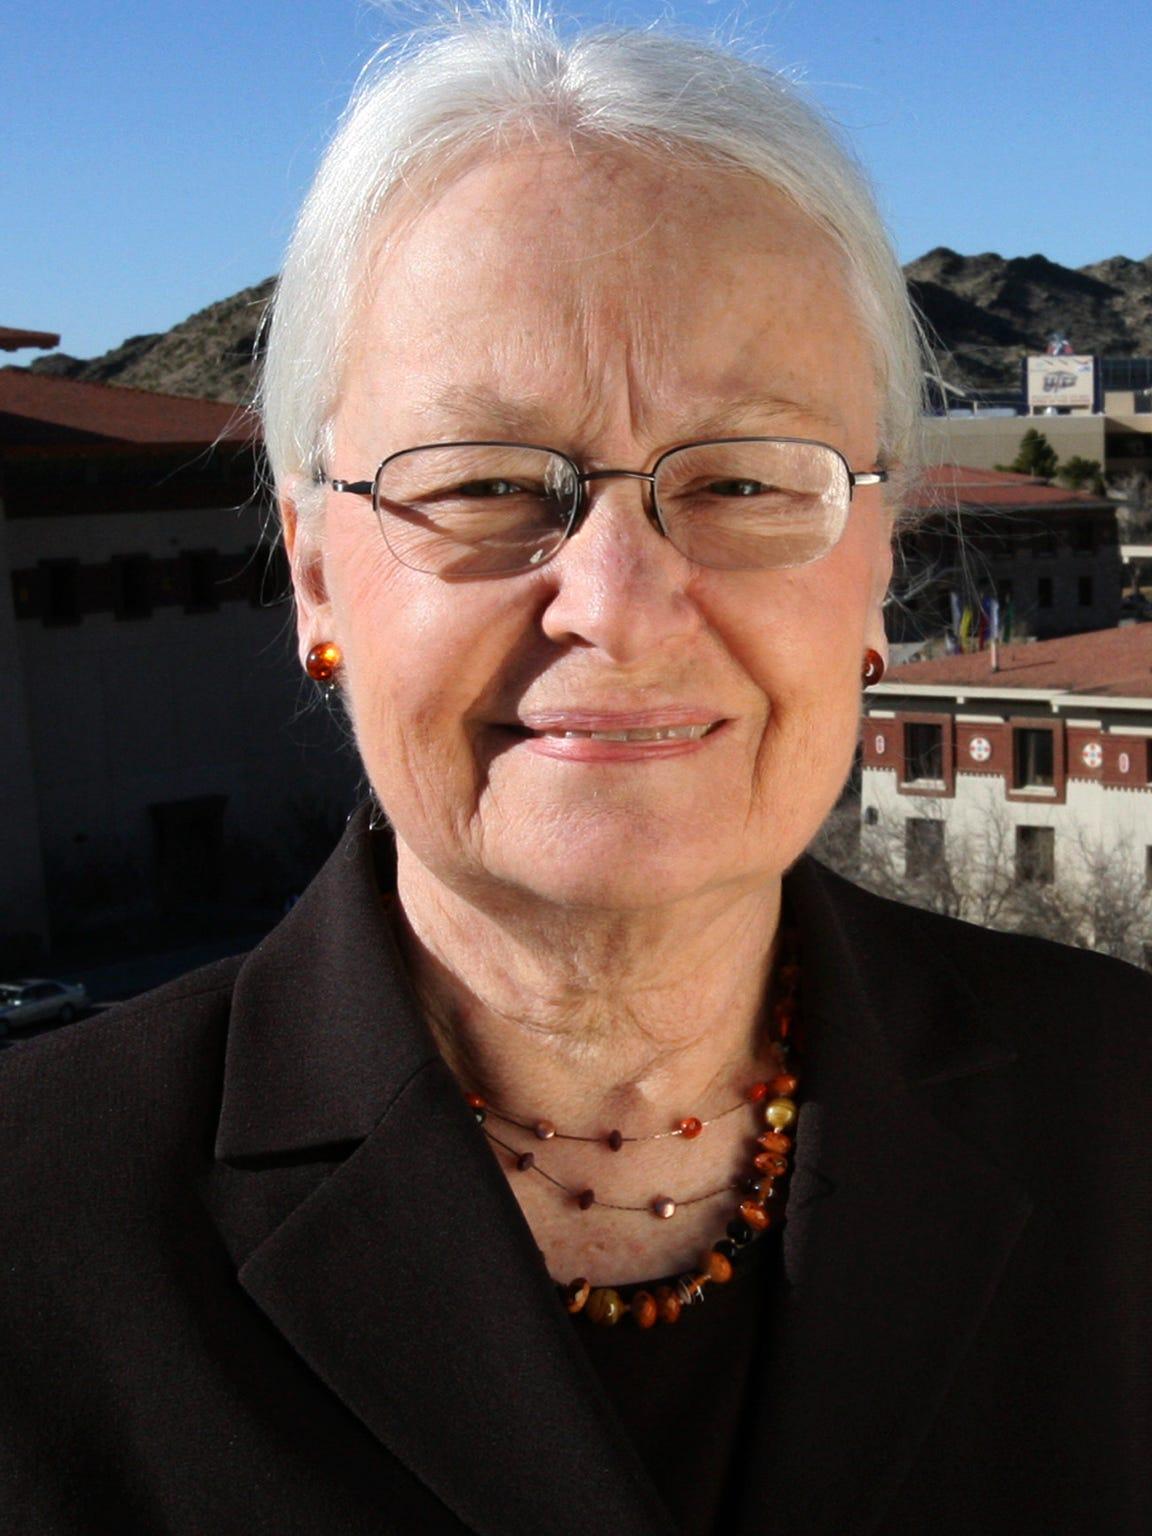 University of Texas at El Paso President Diana Natalicio has led the university since 1988.